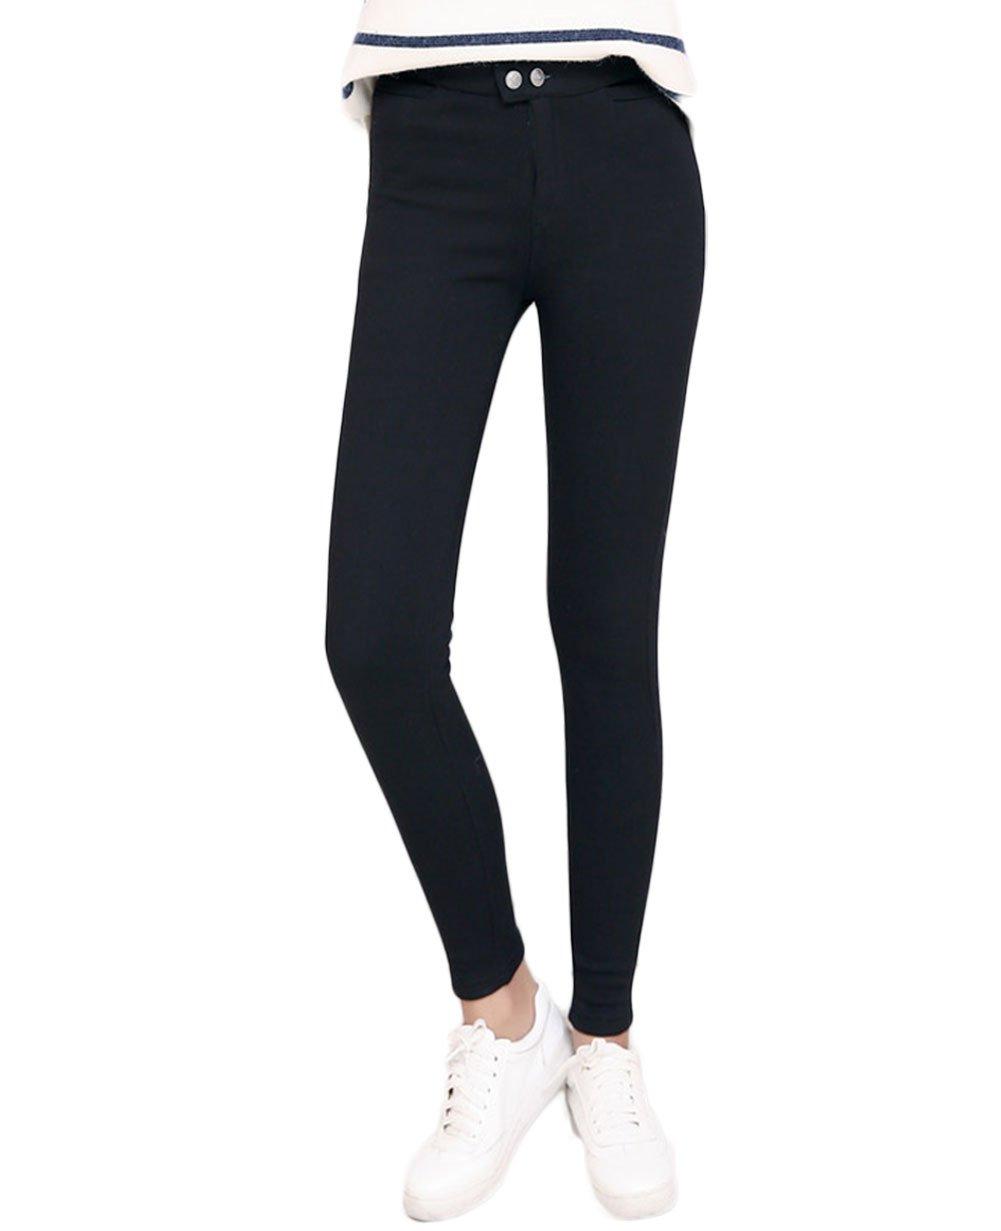 LANBAOSI Women's Slim Fit Pencil Pants Elastic Waist Jeggings Tights Leggings